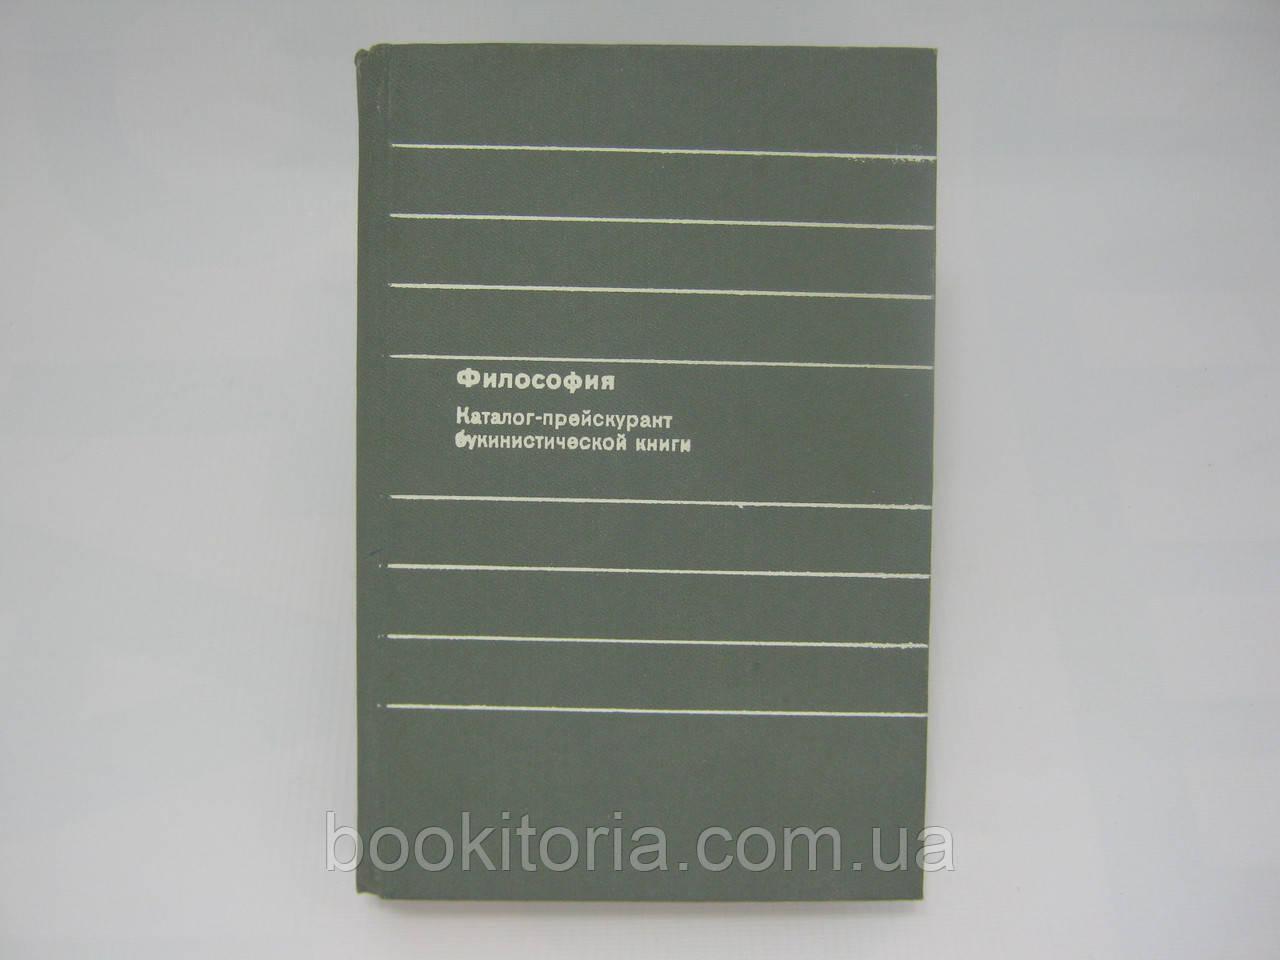 Философия. Каталог-прейскурант букинистической книги (б/у).